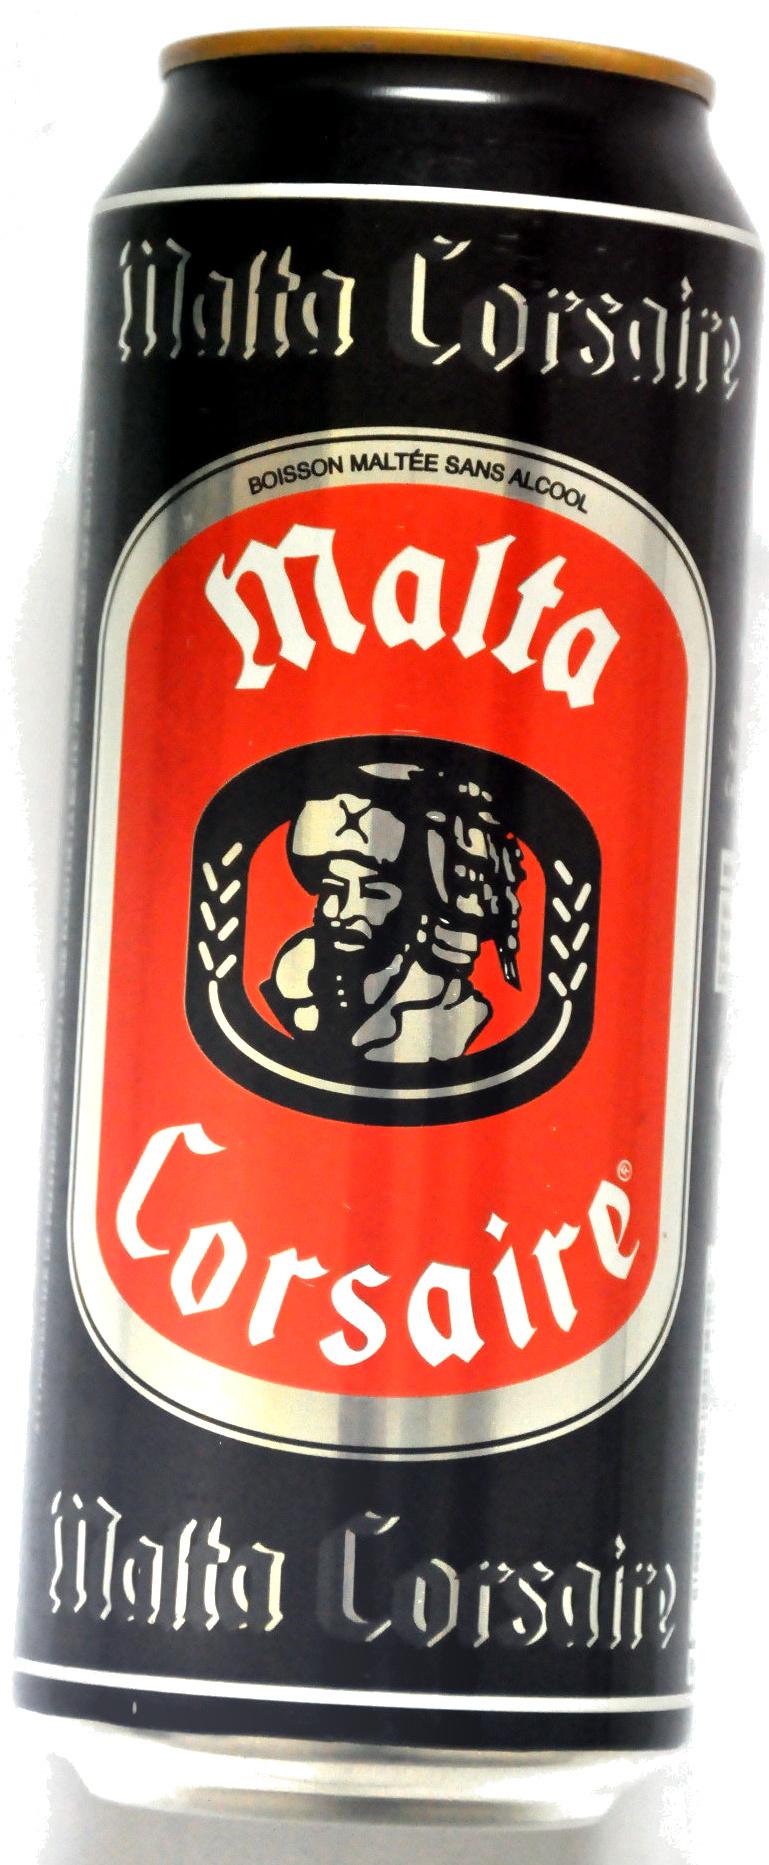 Malta Corsaire - Produit - fr